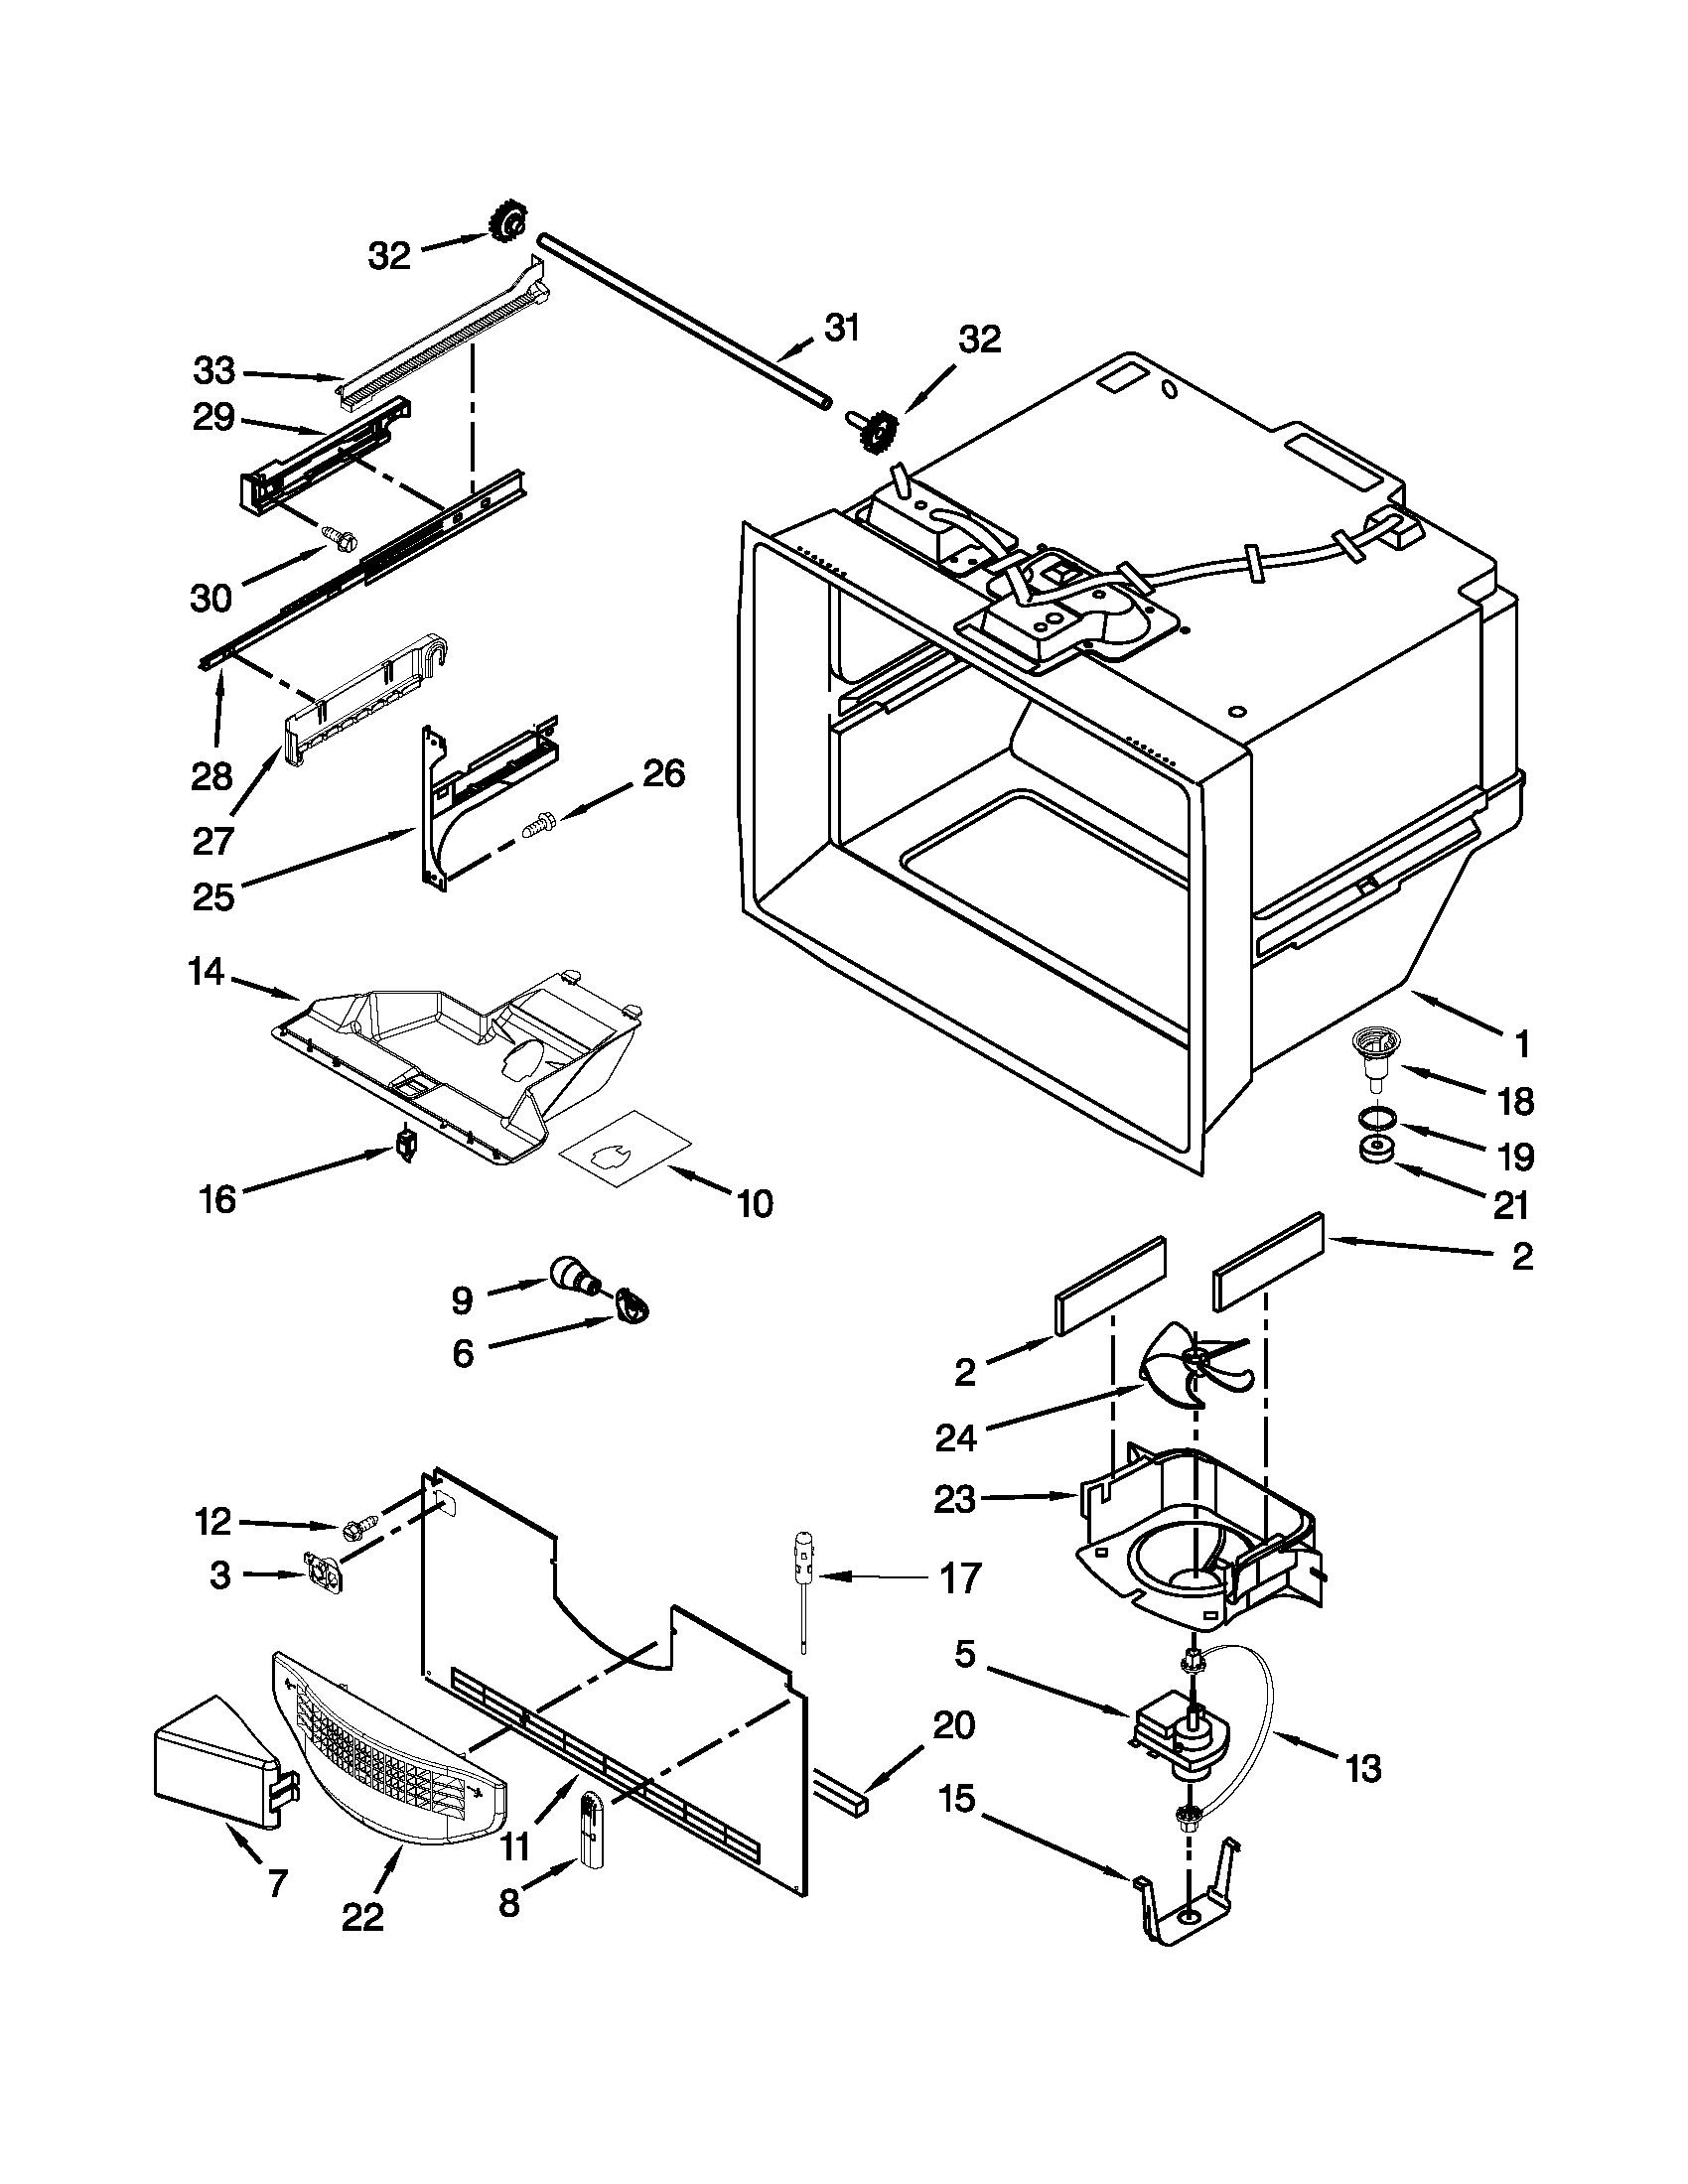 Kitchenaid model KBFS22EWMS7 bottom-mount refrigerator